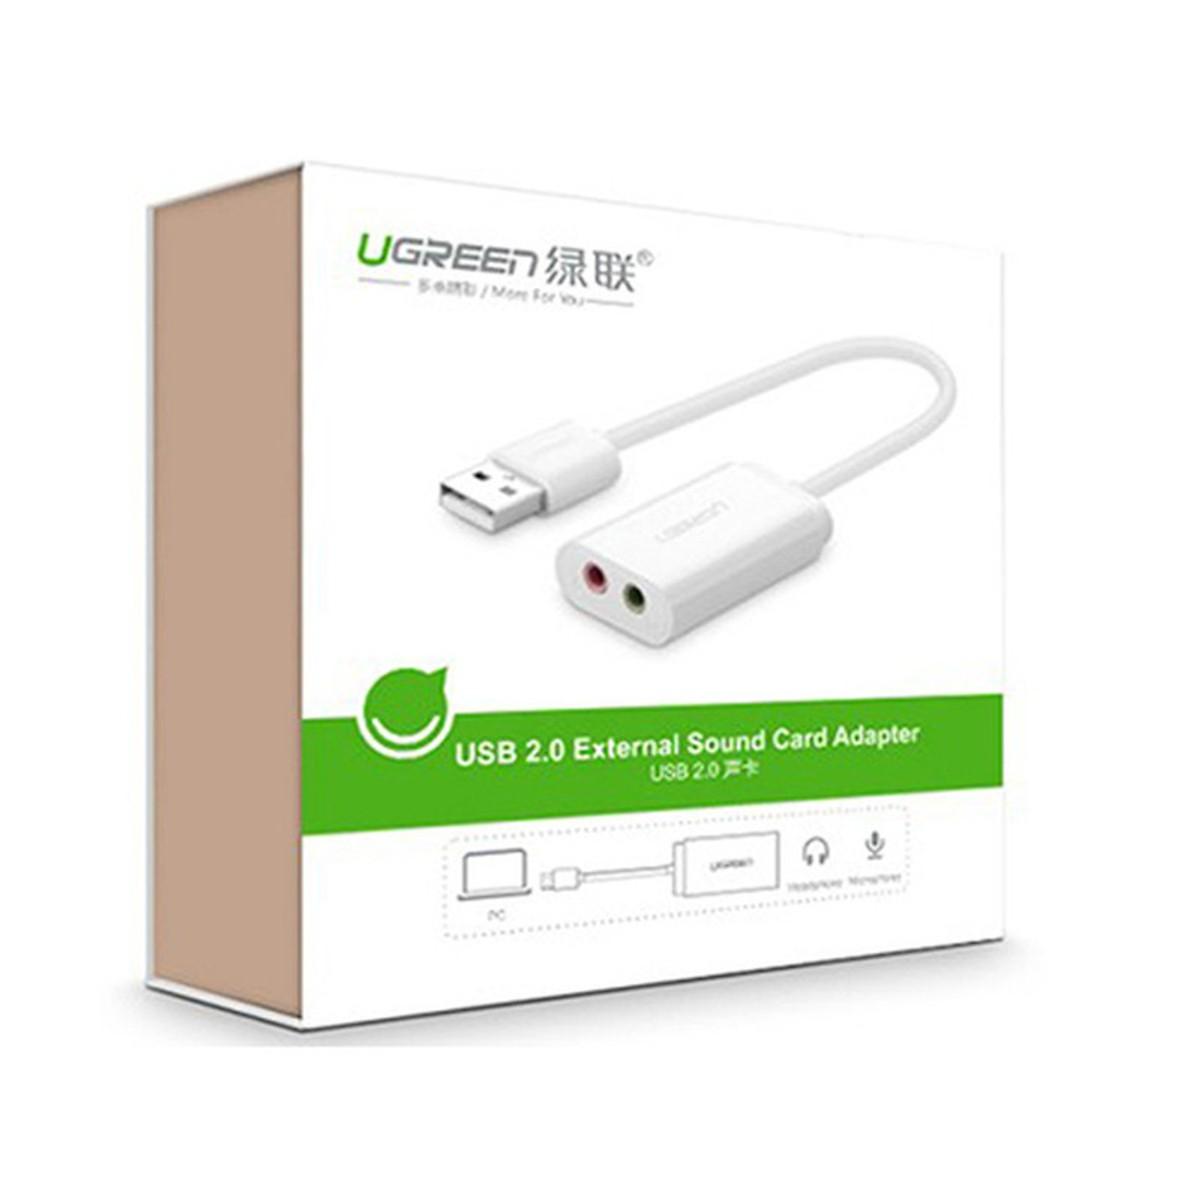 Bộ chuyển đổi USB 2.0 sang 2 cổng Audio 3.5mm cho tai nghe + mic UGREEN - Hàng Chính Hãng